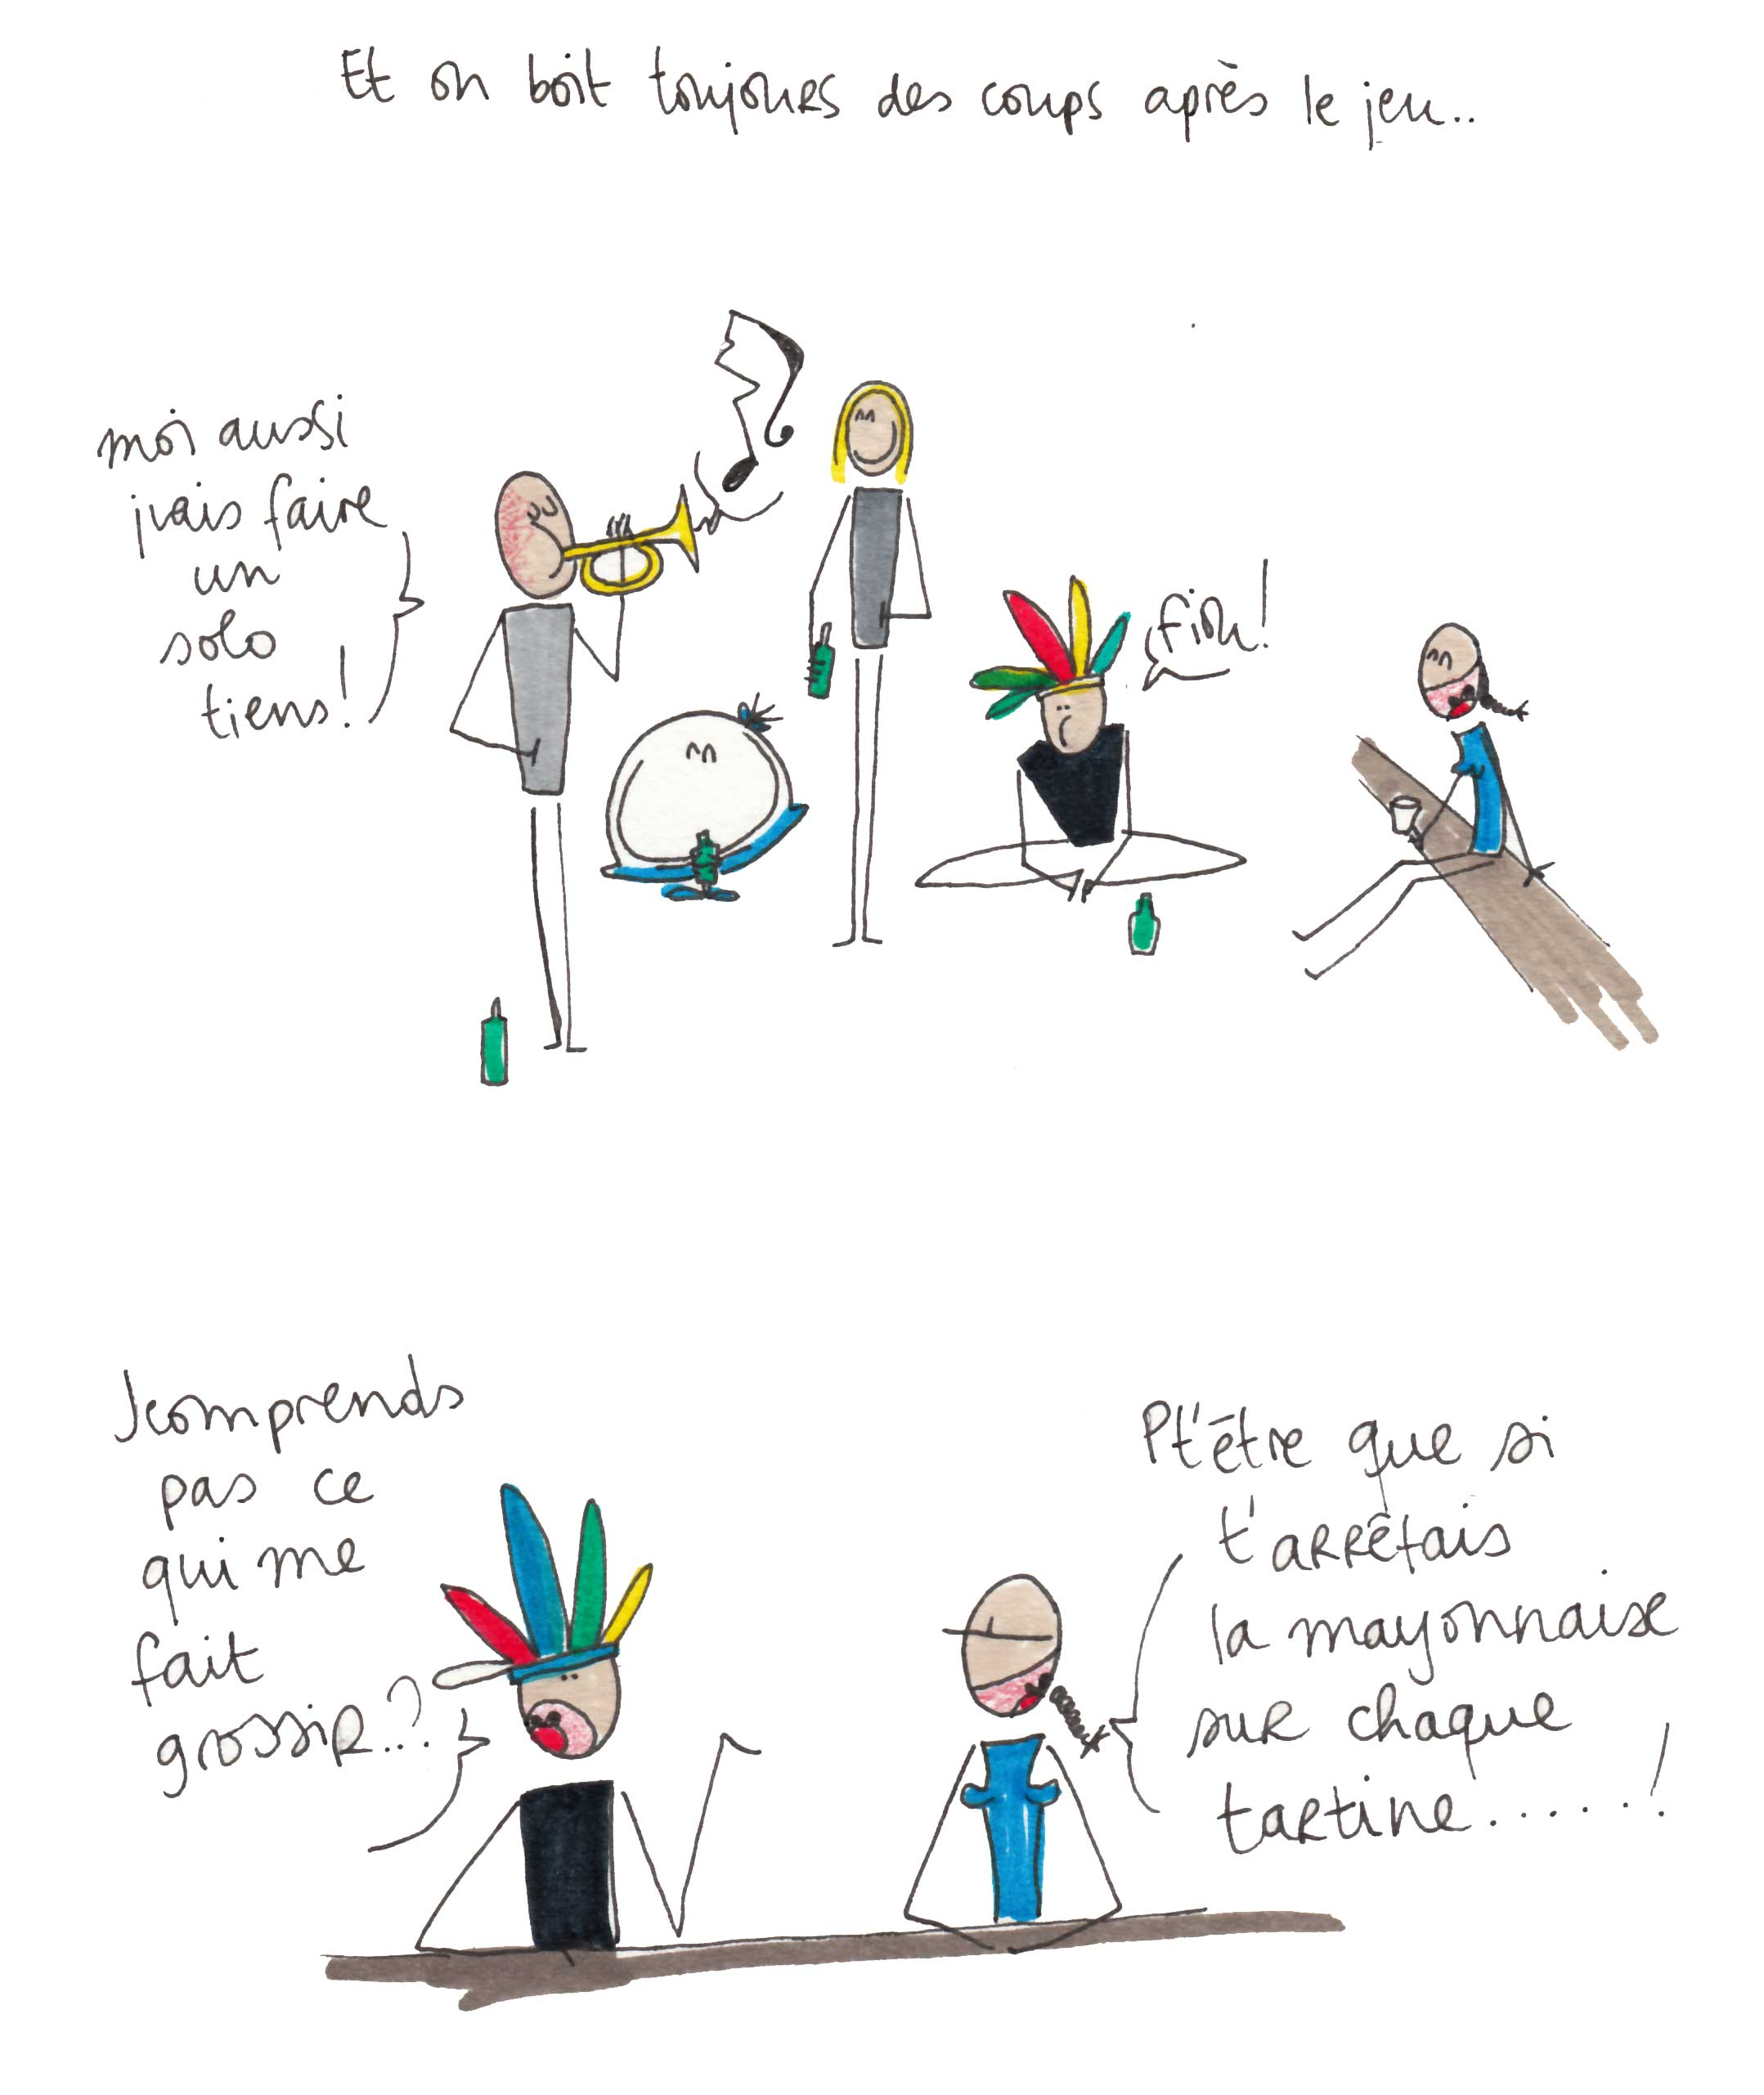 vie-suis-son-cour2